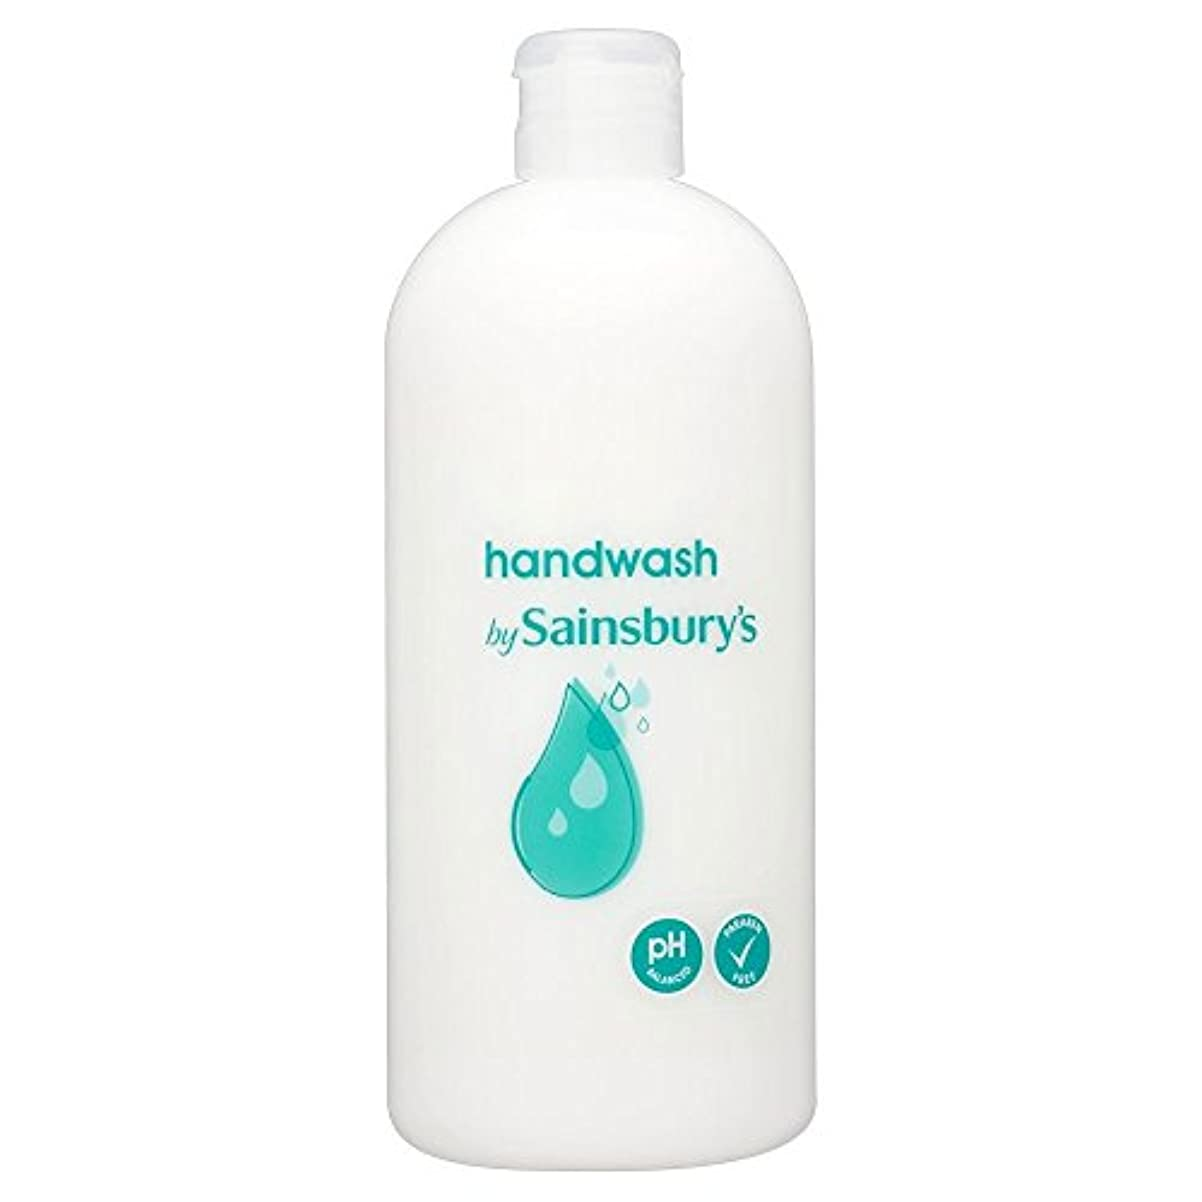 特にかける小切手Sainsbury's Handwash, White Refill 500ml (Pack of 2) - (Sainsbury's) 手洗い、白リフィル500ミリリットル (x2) [並行輸入品]